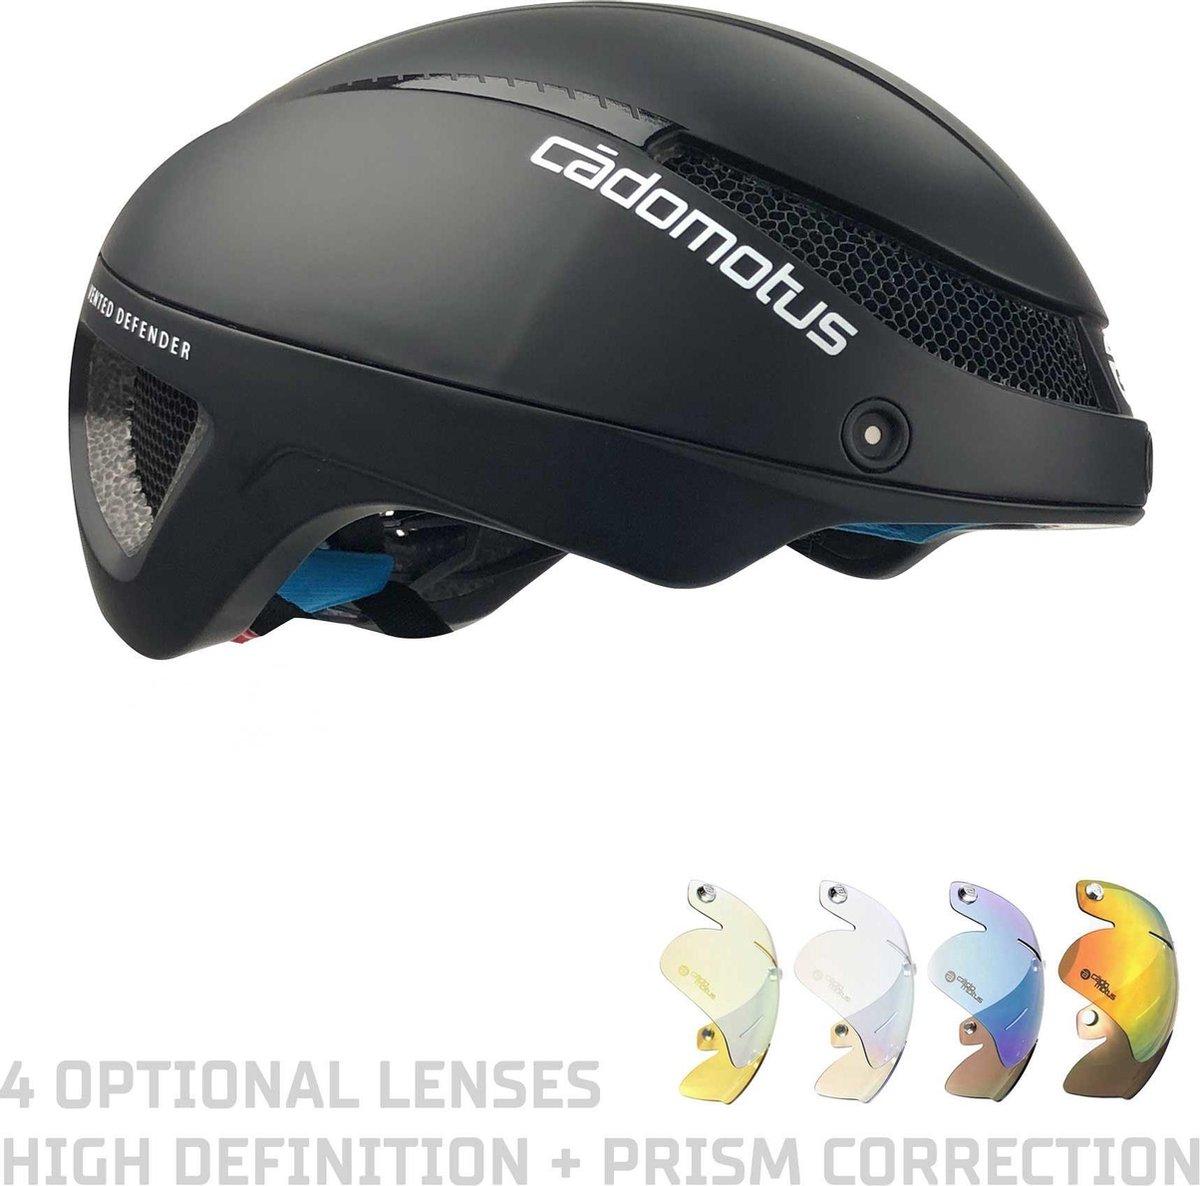 CADOMOTUS Omega Aero Helm | Professionele Aerodynamische Helm | Schaatshelm | Fietshelm | Triathlonhelm | Ultra Licht & Lage weerstand | Voor Volwassenen | Maat M (54 - 57 cm) Matzwart | Vizier Optioneel